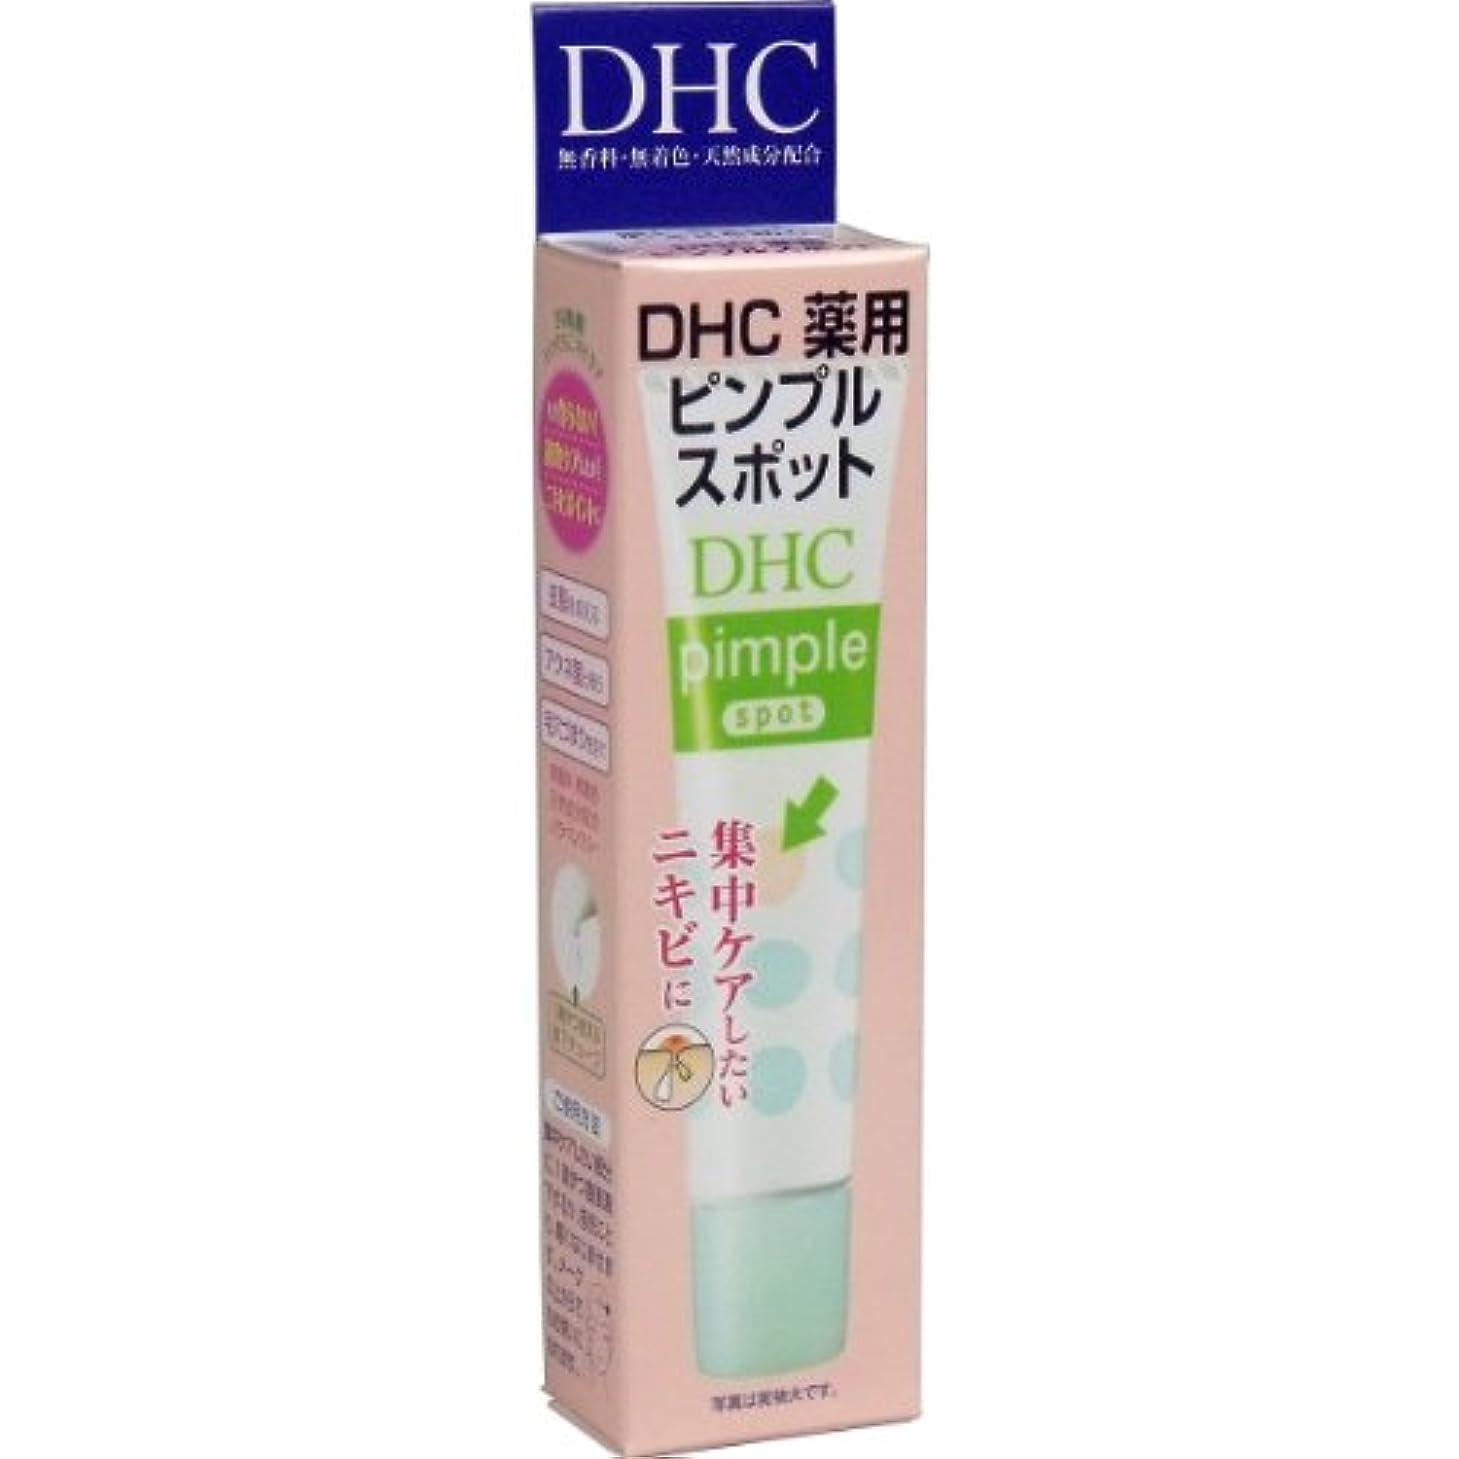 教えるピカリング思いつくDHC 薬用ピンプルスポット15ml